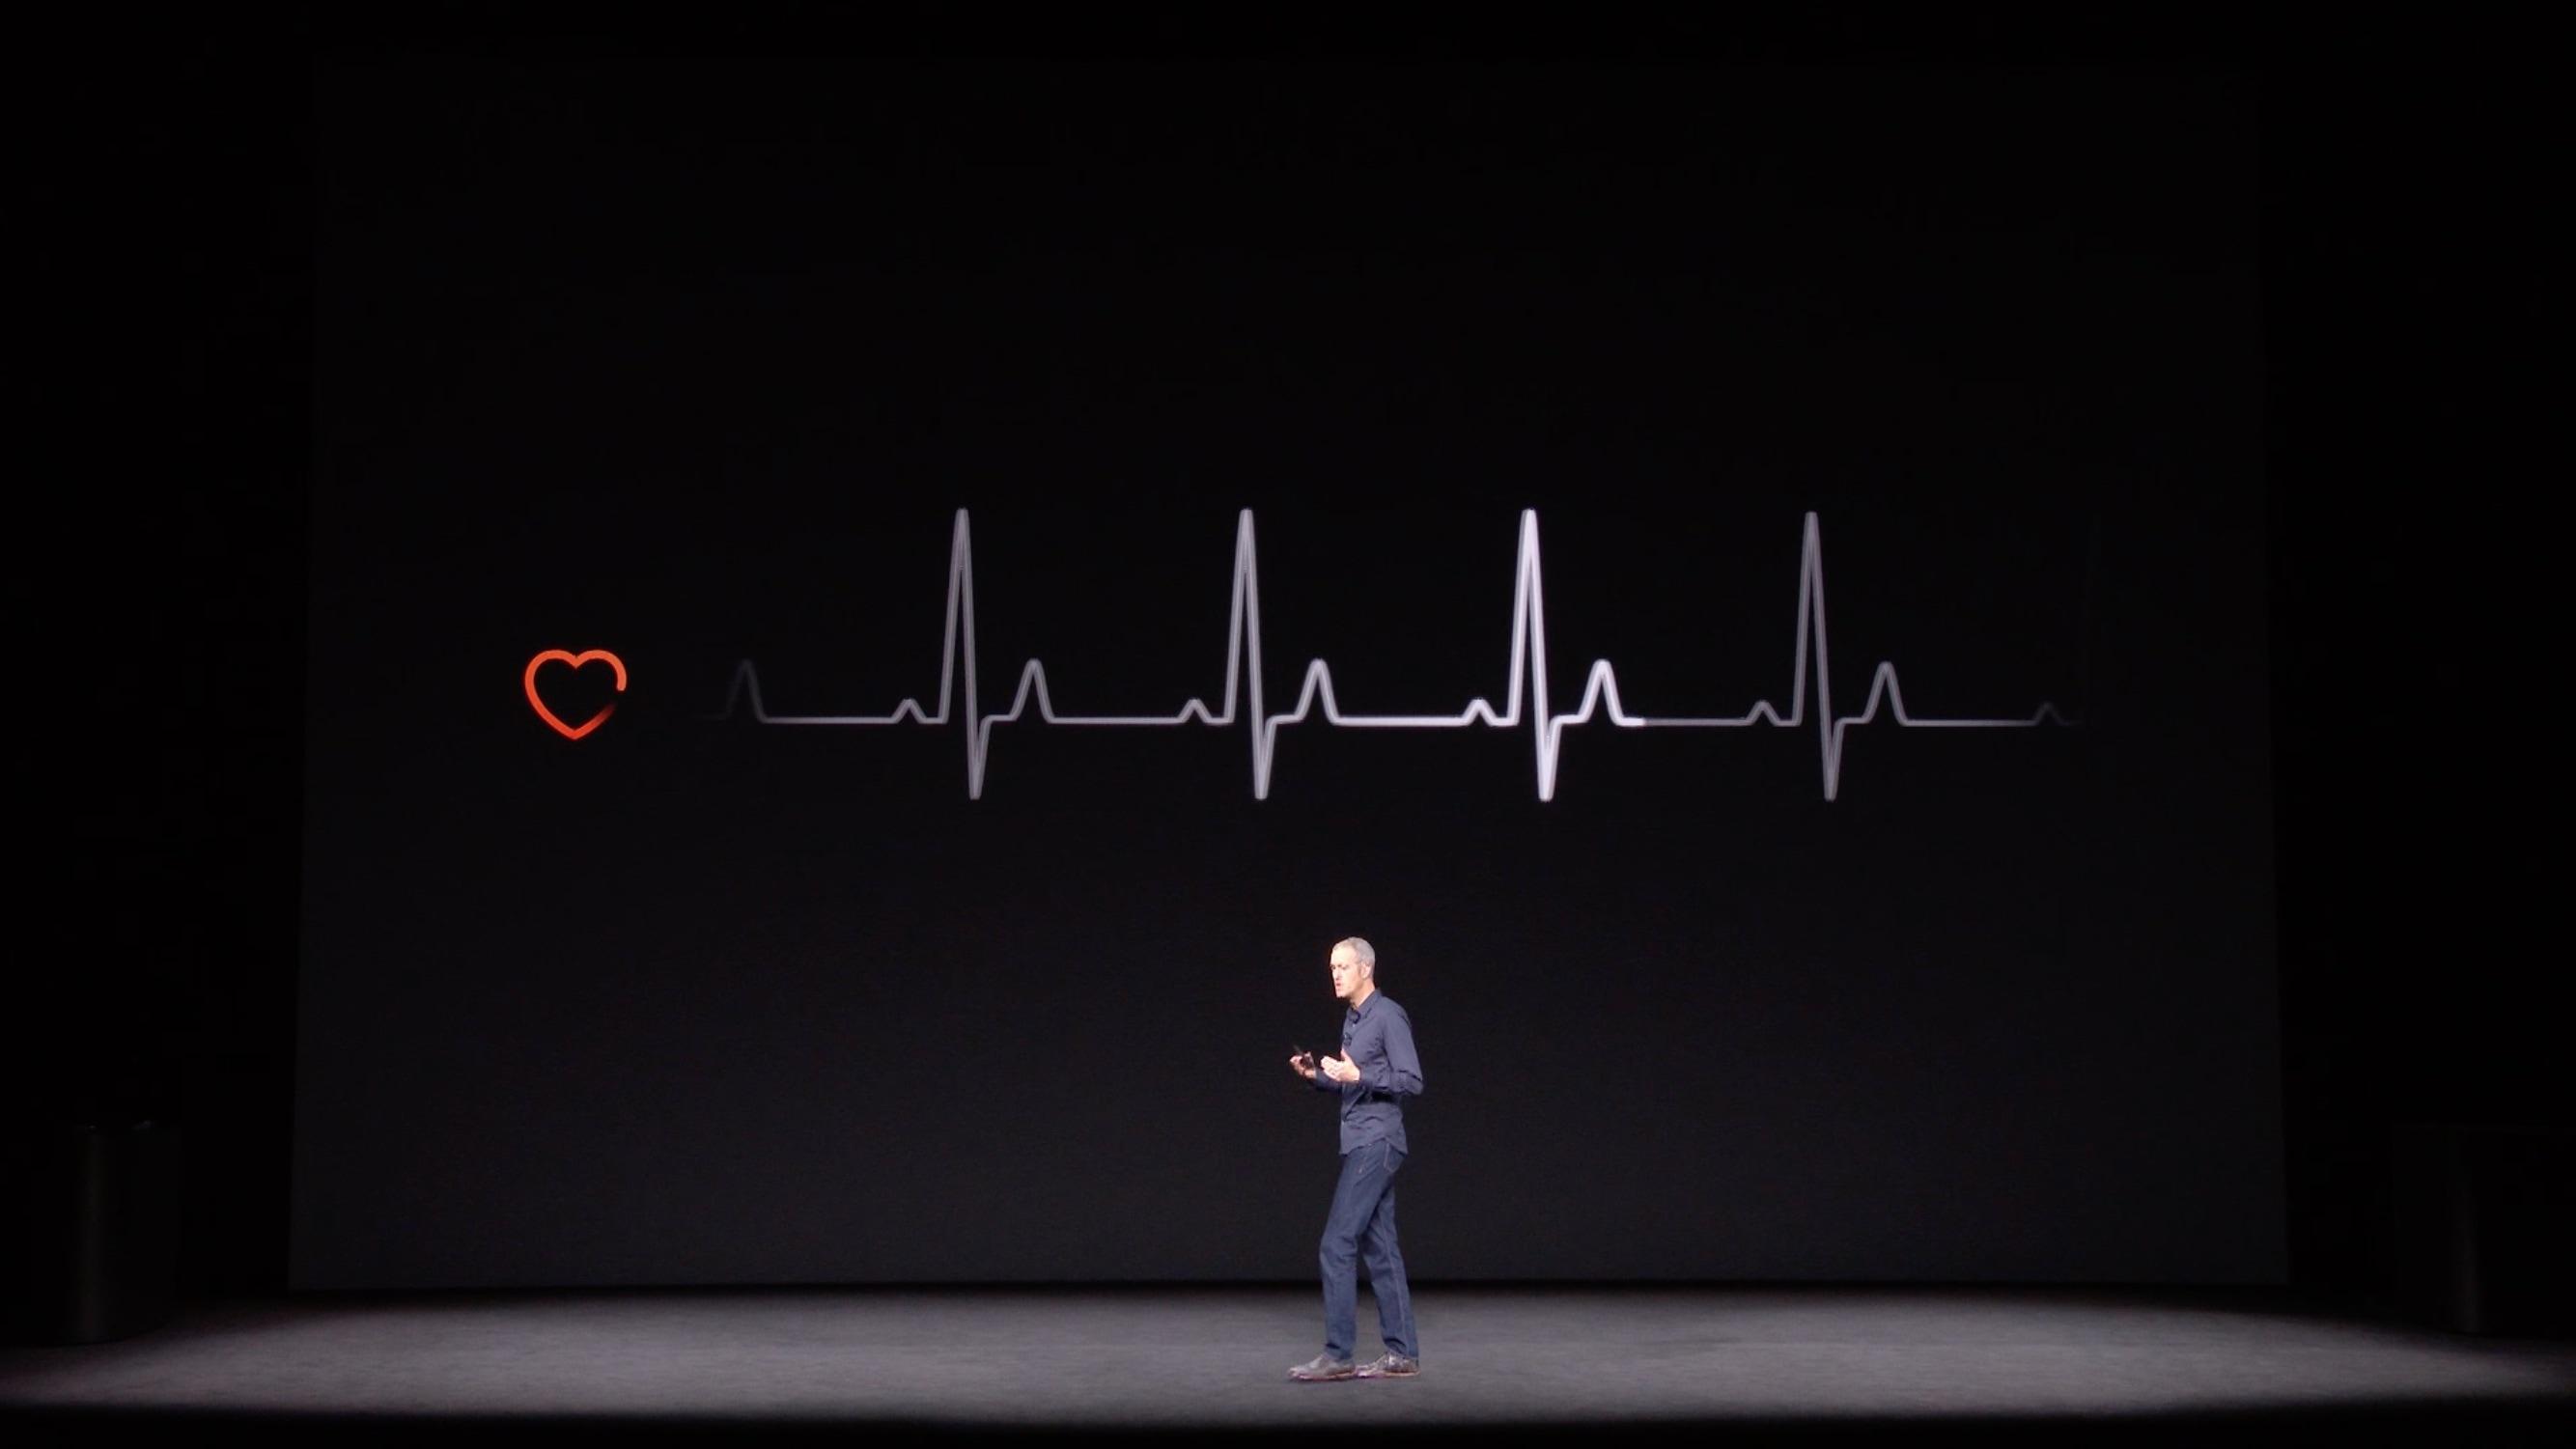 Apresentação do Apple Watch Series 3 (GPS + Cellular)